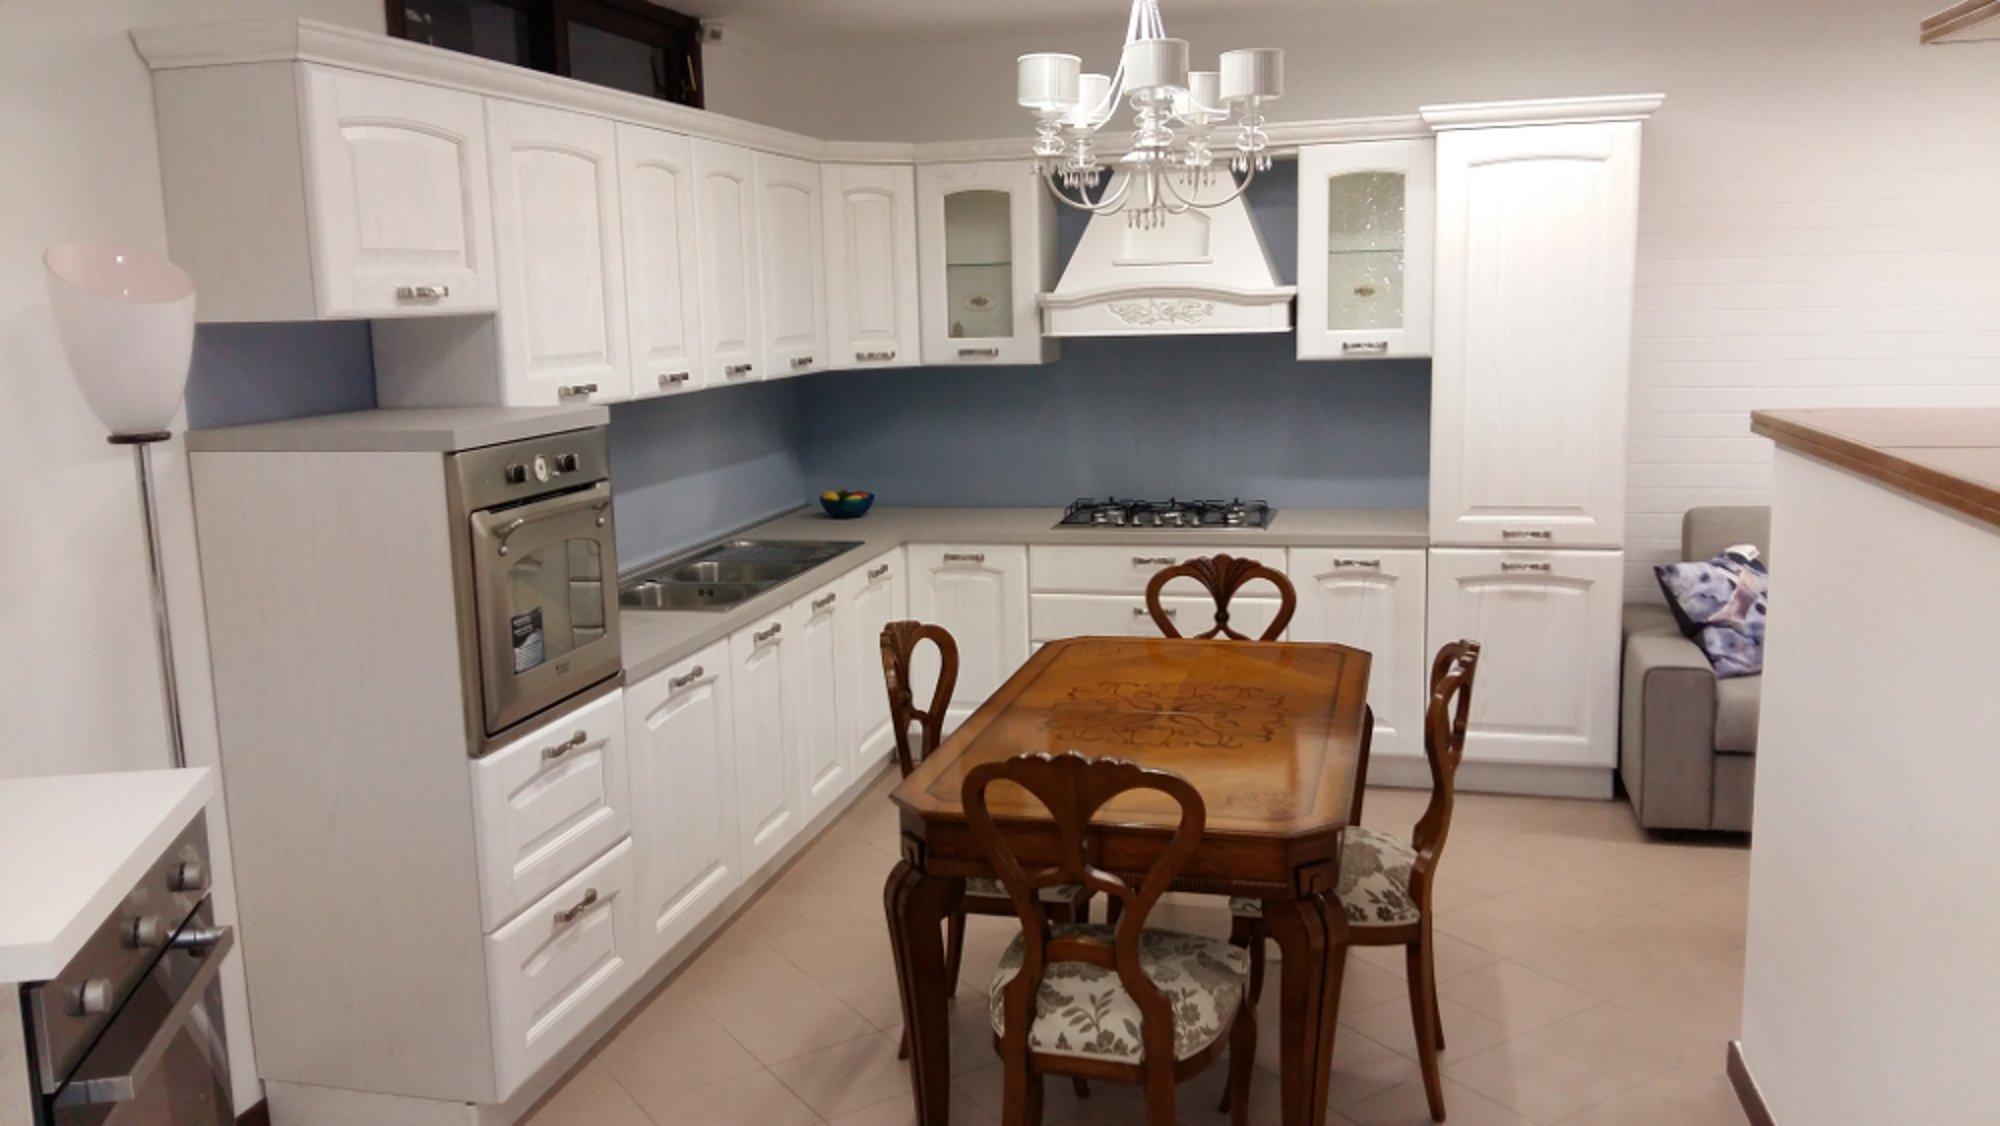 una cucina con mobili in legno di color bianco